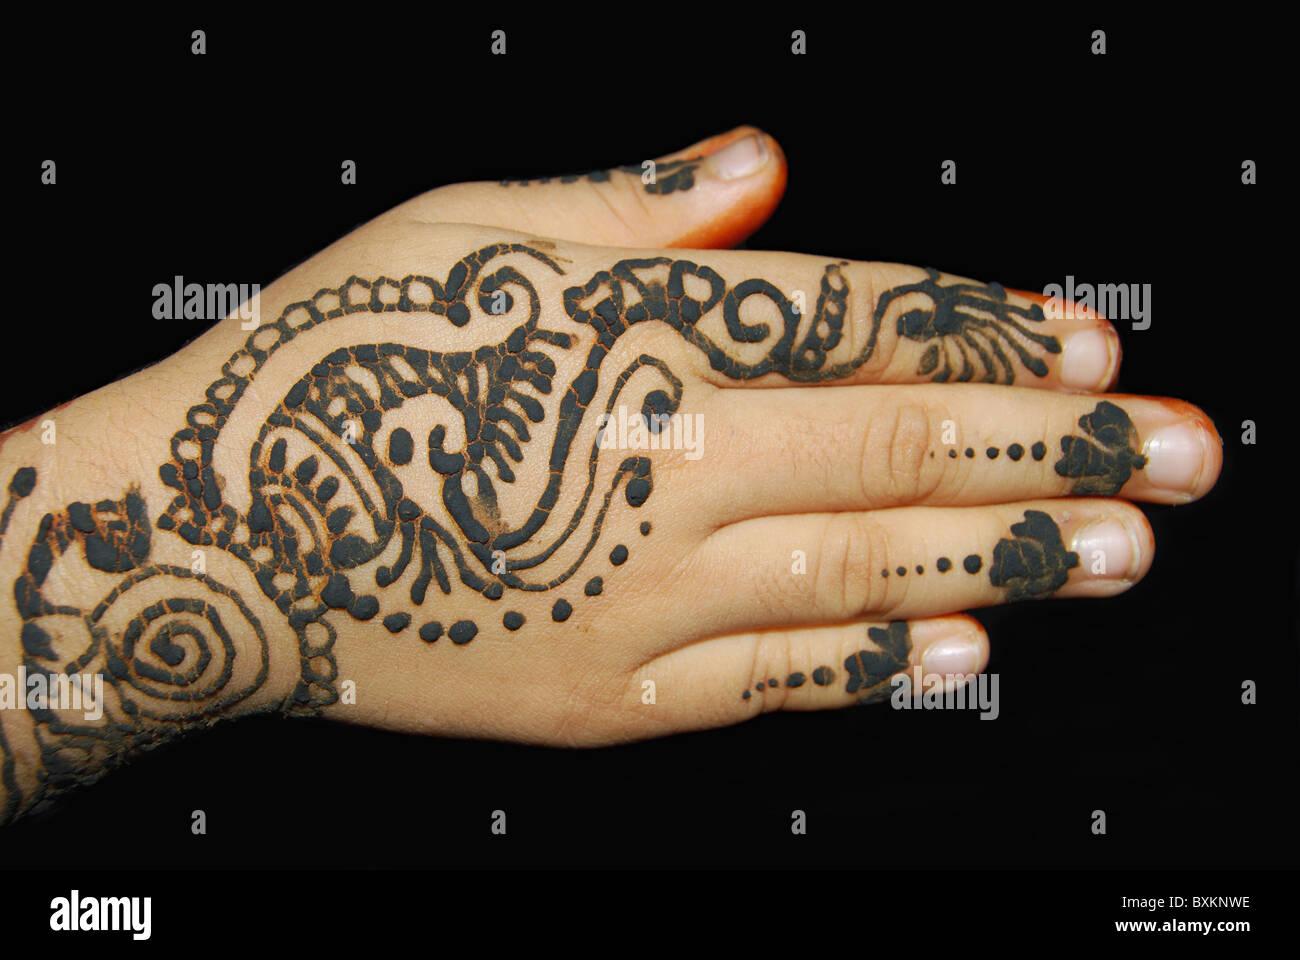 Arabic Mehndi Design - confrontato con il complesso Indian mehndi designs, arabo disegni sono molto più semplice. Foto Stock